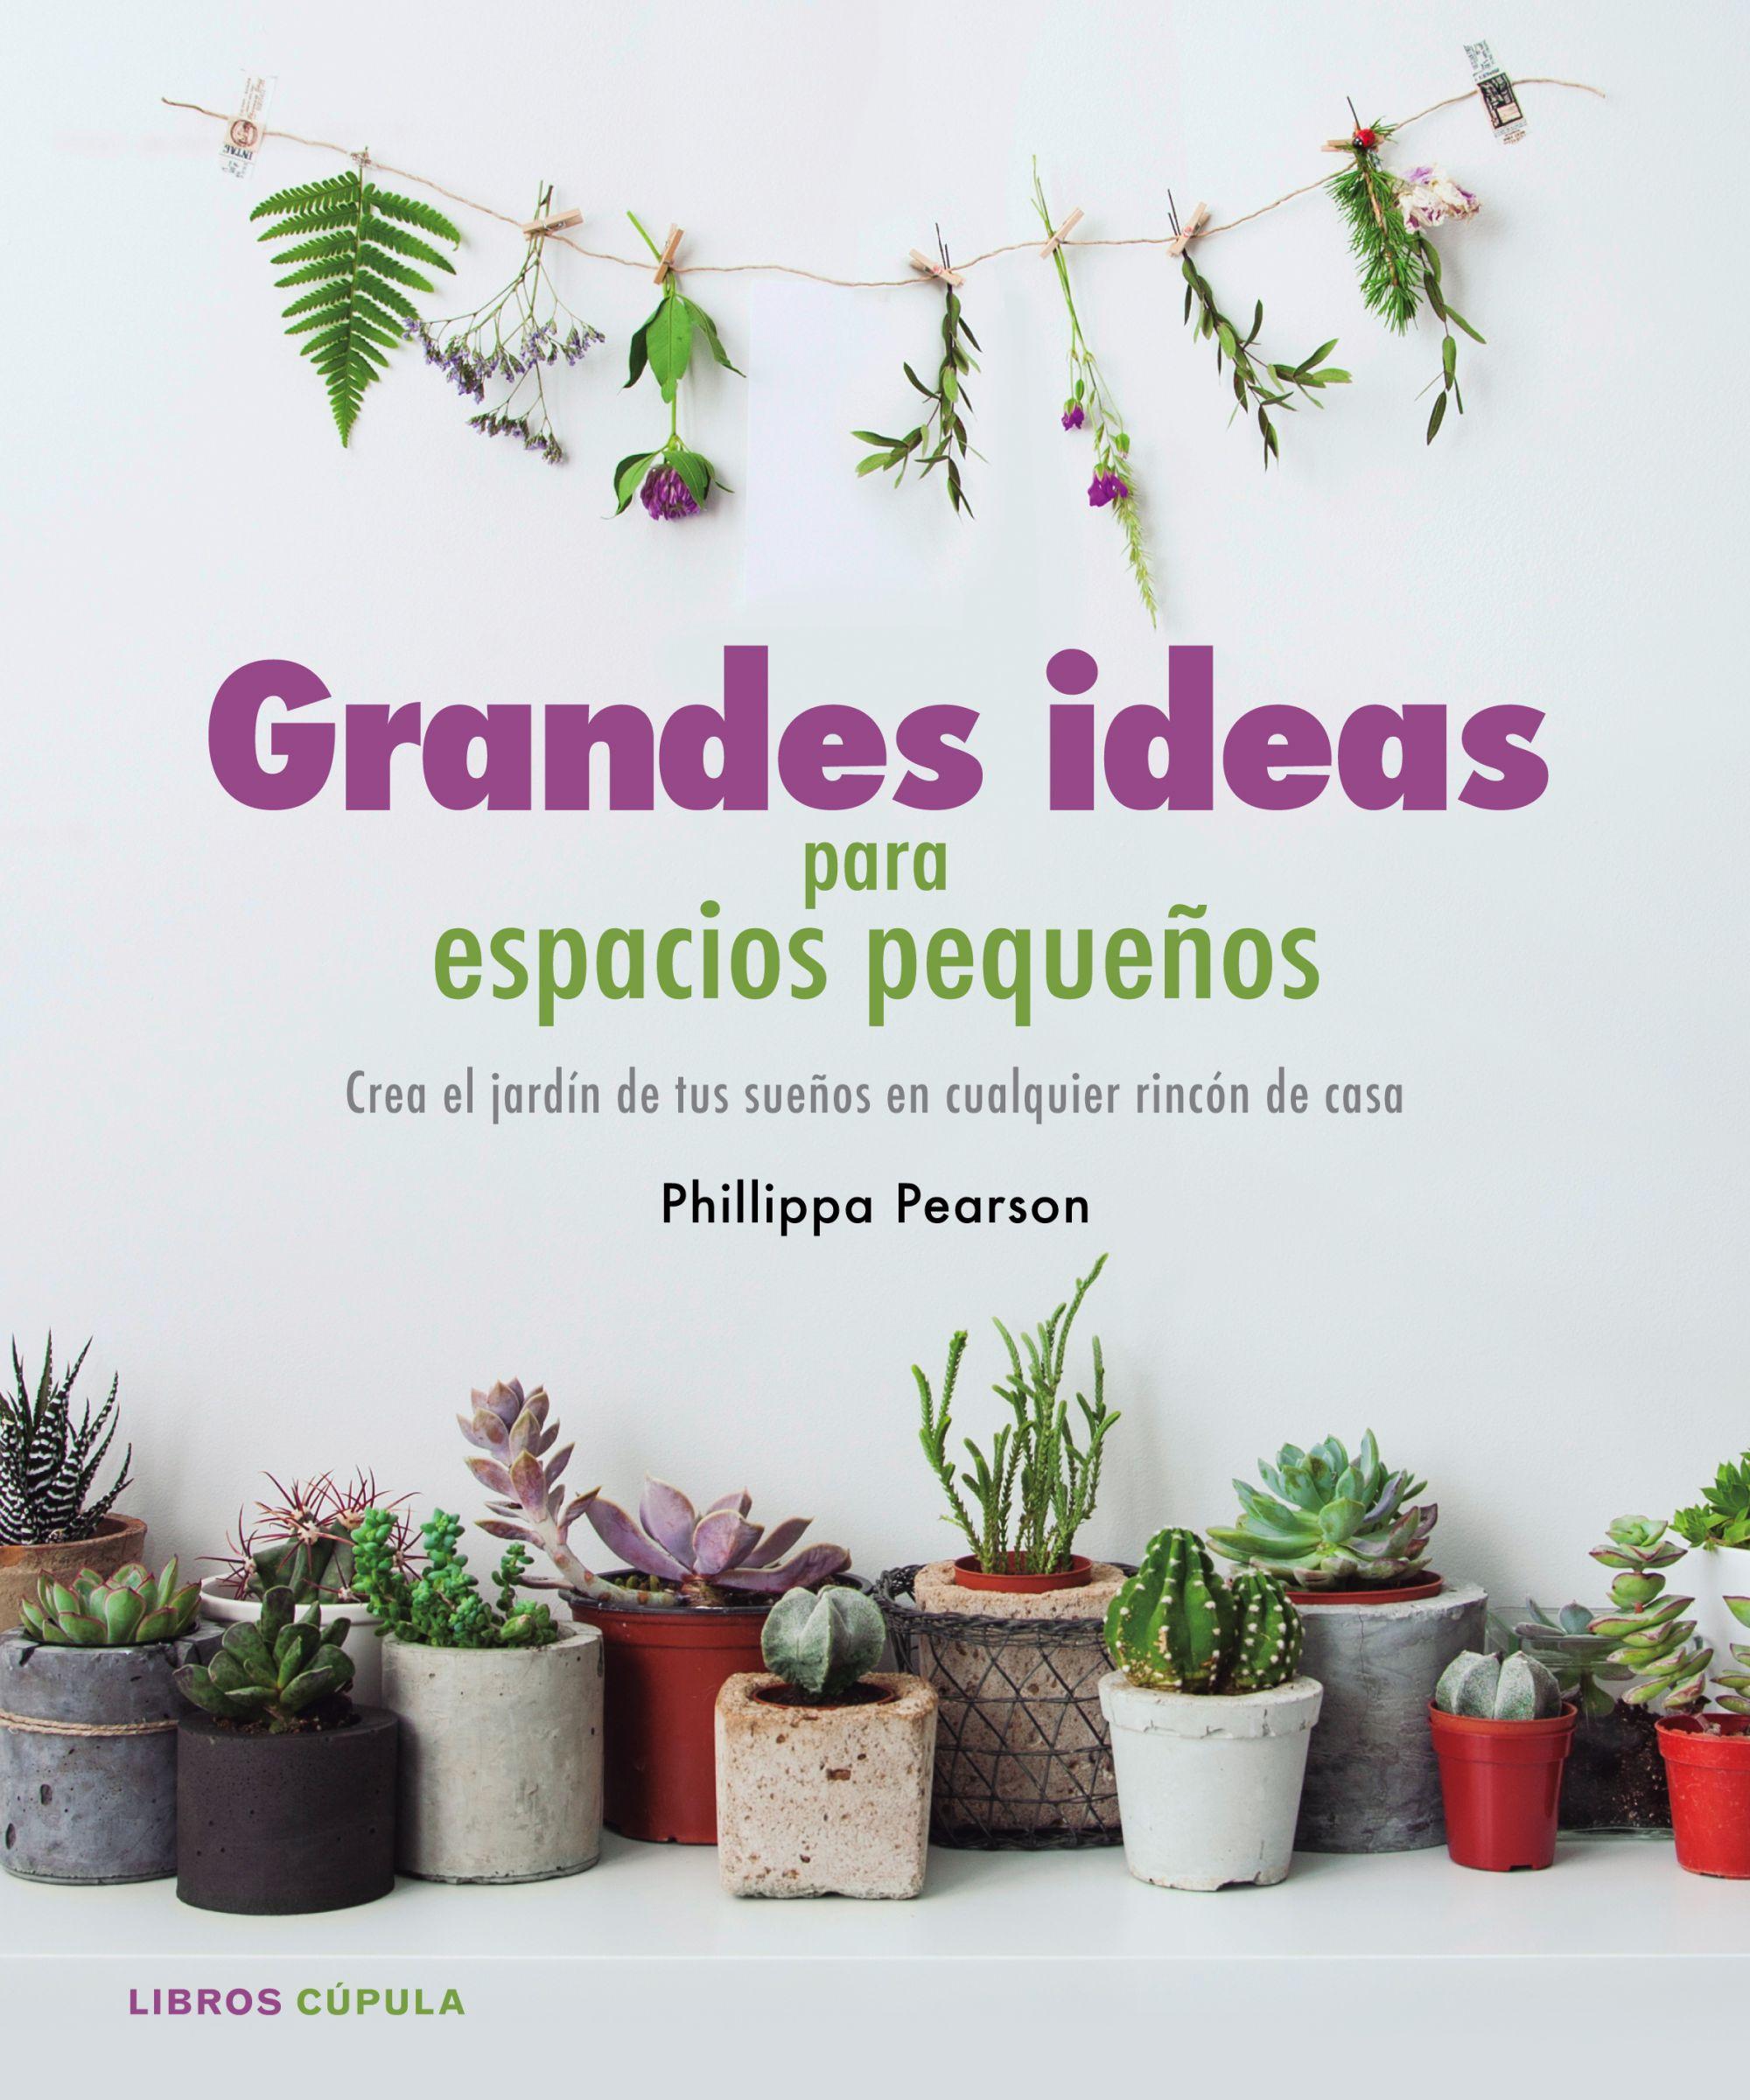 Grandes ideas para espacios peque os planeta de libros for Ideas para espacios reducidos